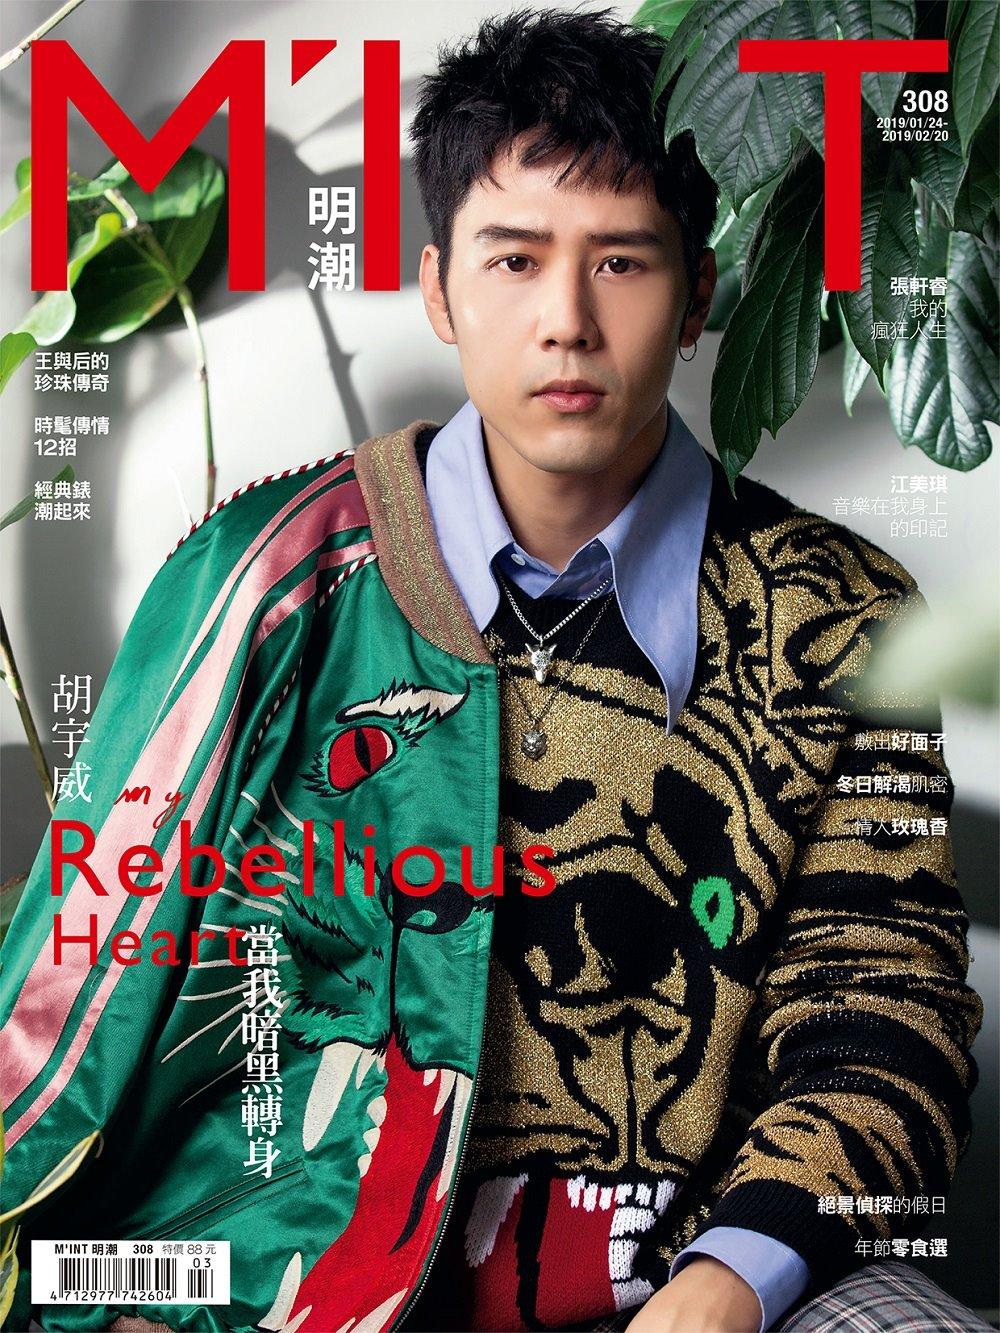 明潮(雙週刊) 2019/1/24第308期